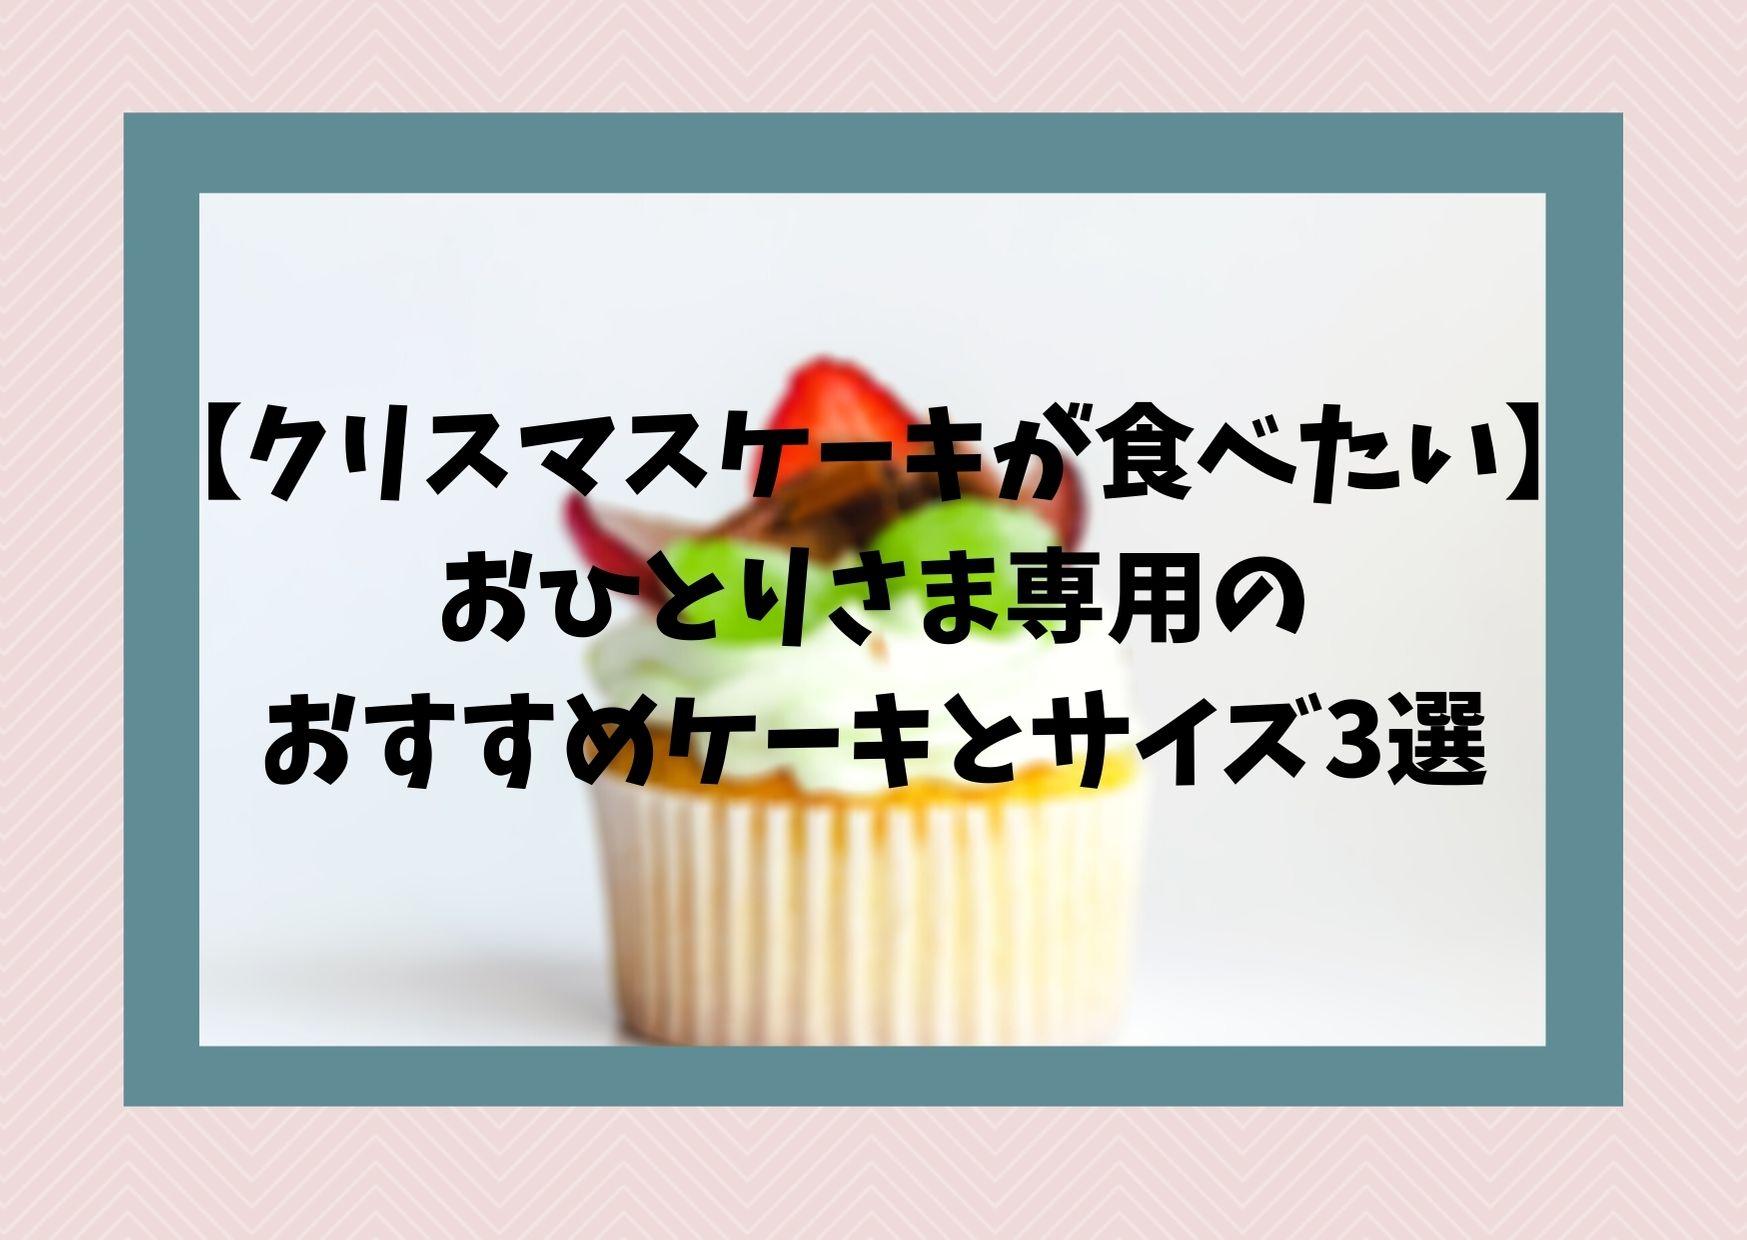 【クリスマスケーキが食べたい】おひとりさま専用のおすすめケーキとサイズ3選